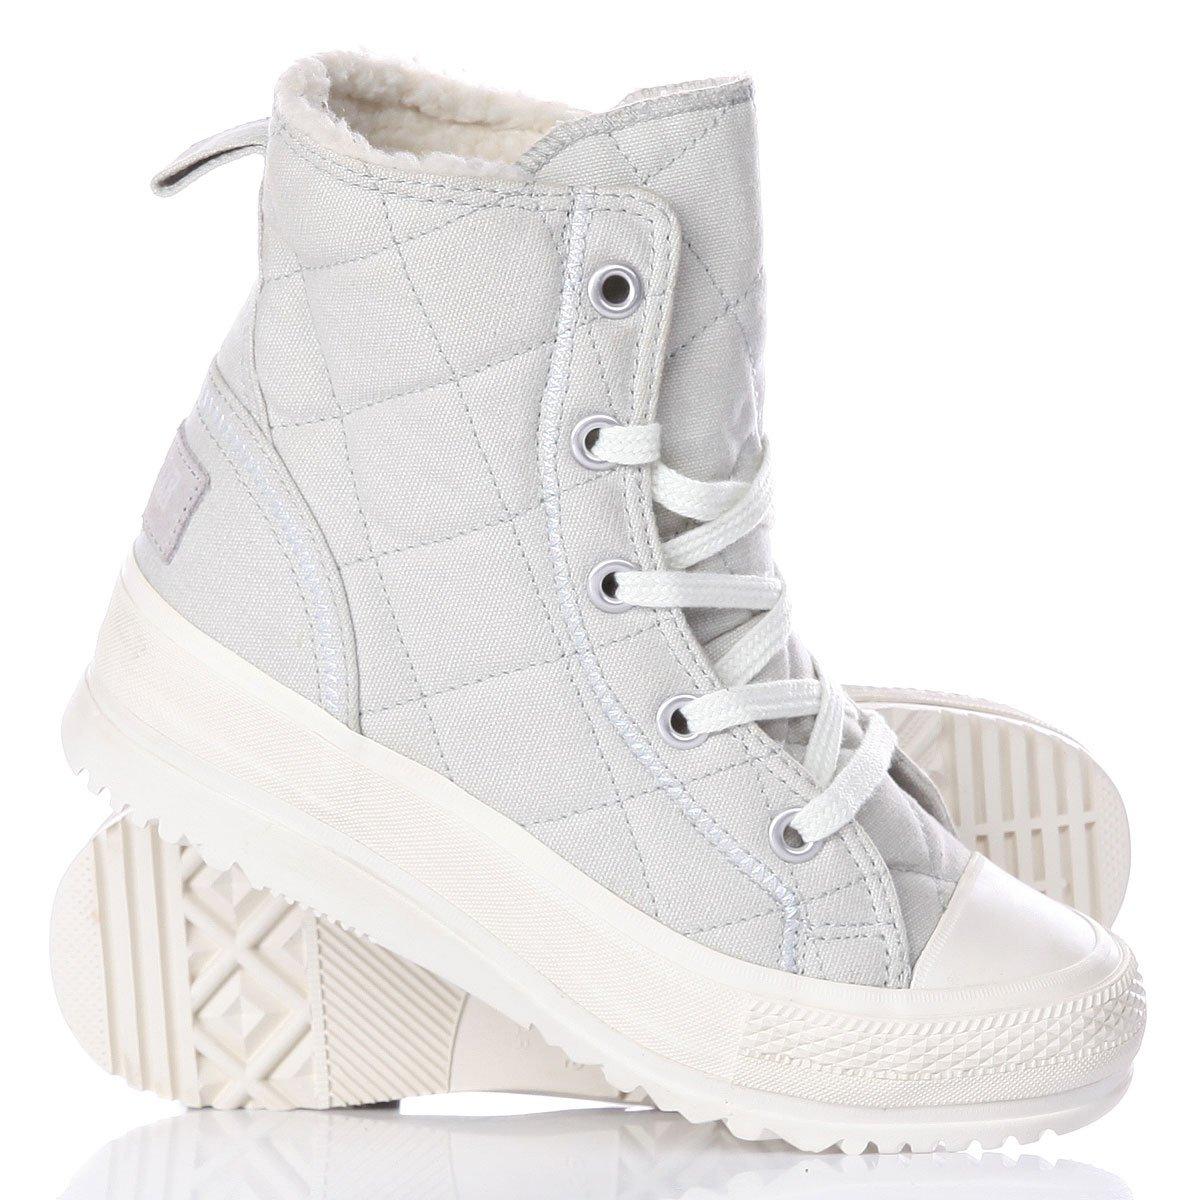 be3a2c21e28b Купить кеды утепленные женские Converse 532324 White в интернет ...